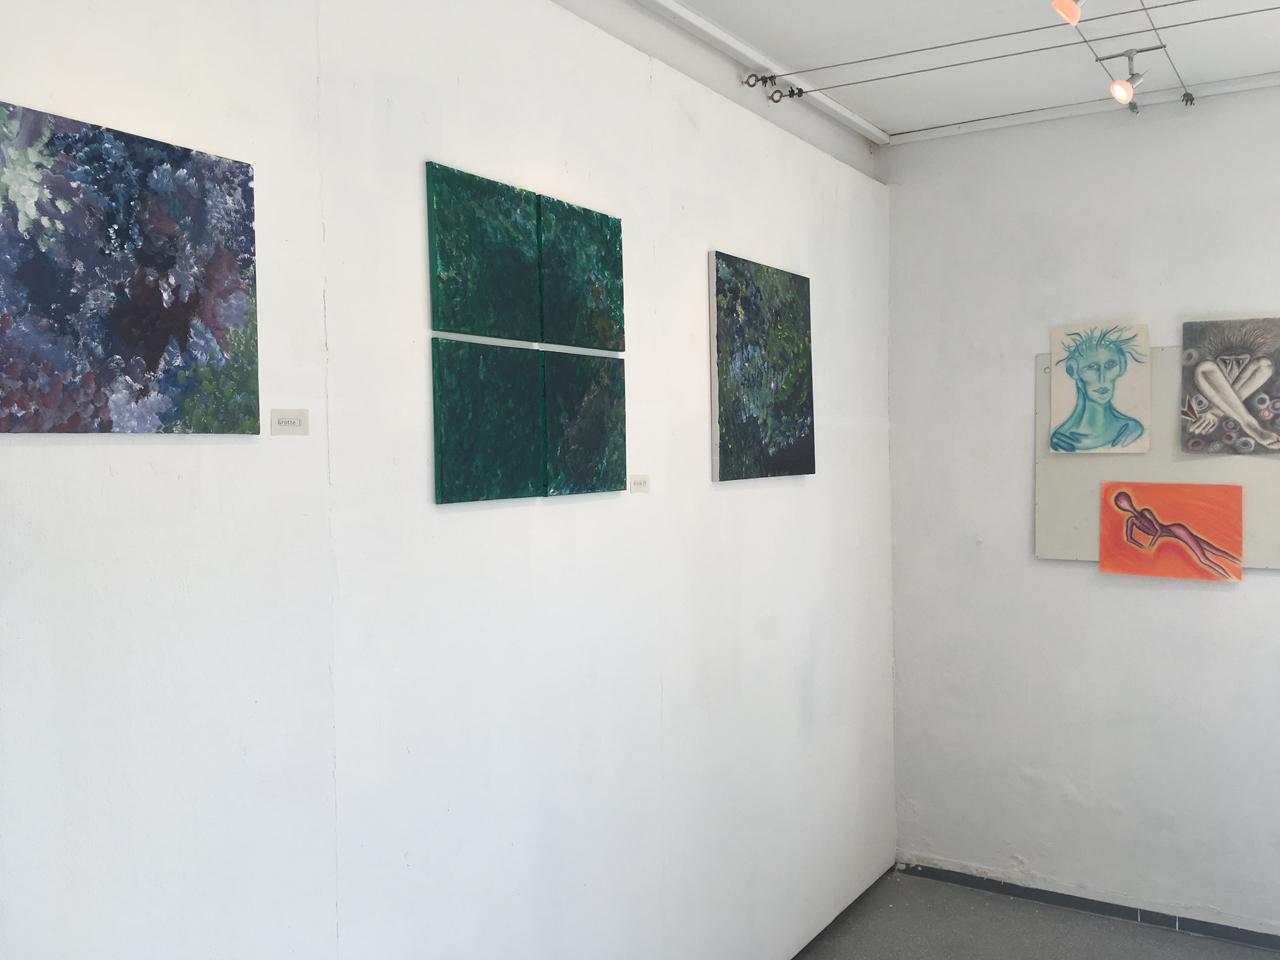 Feierwerk_Blog_Farbenladen_Ausstellung_Fliessen_lassen_Wand_